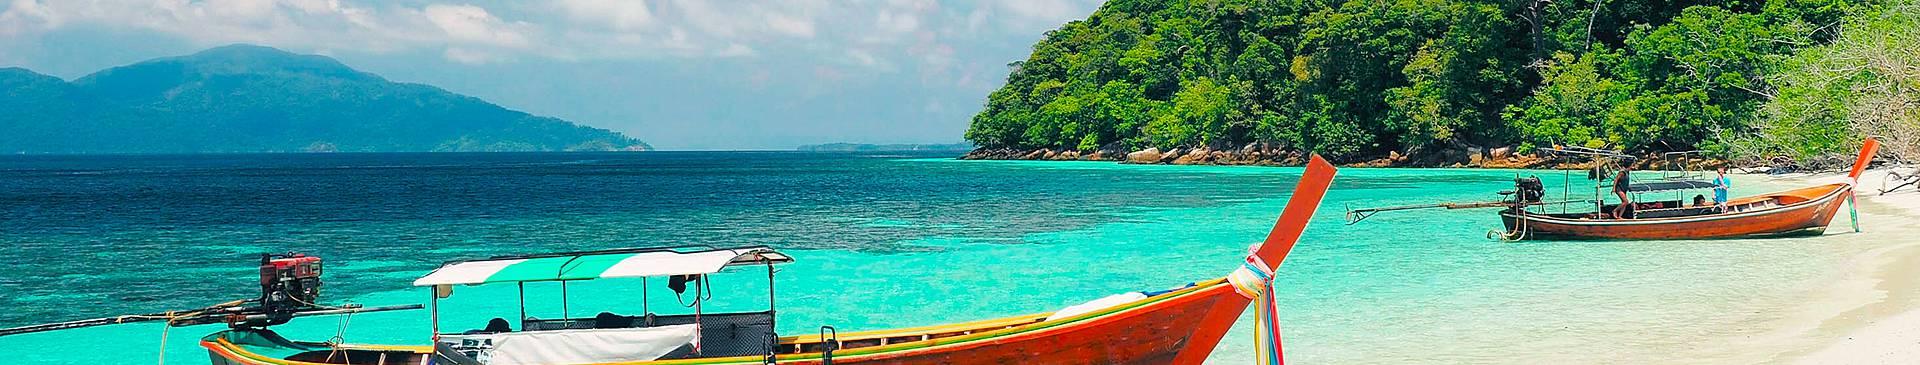 Viaggi al mare in Thailandia